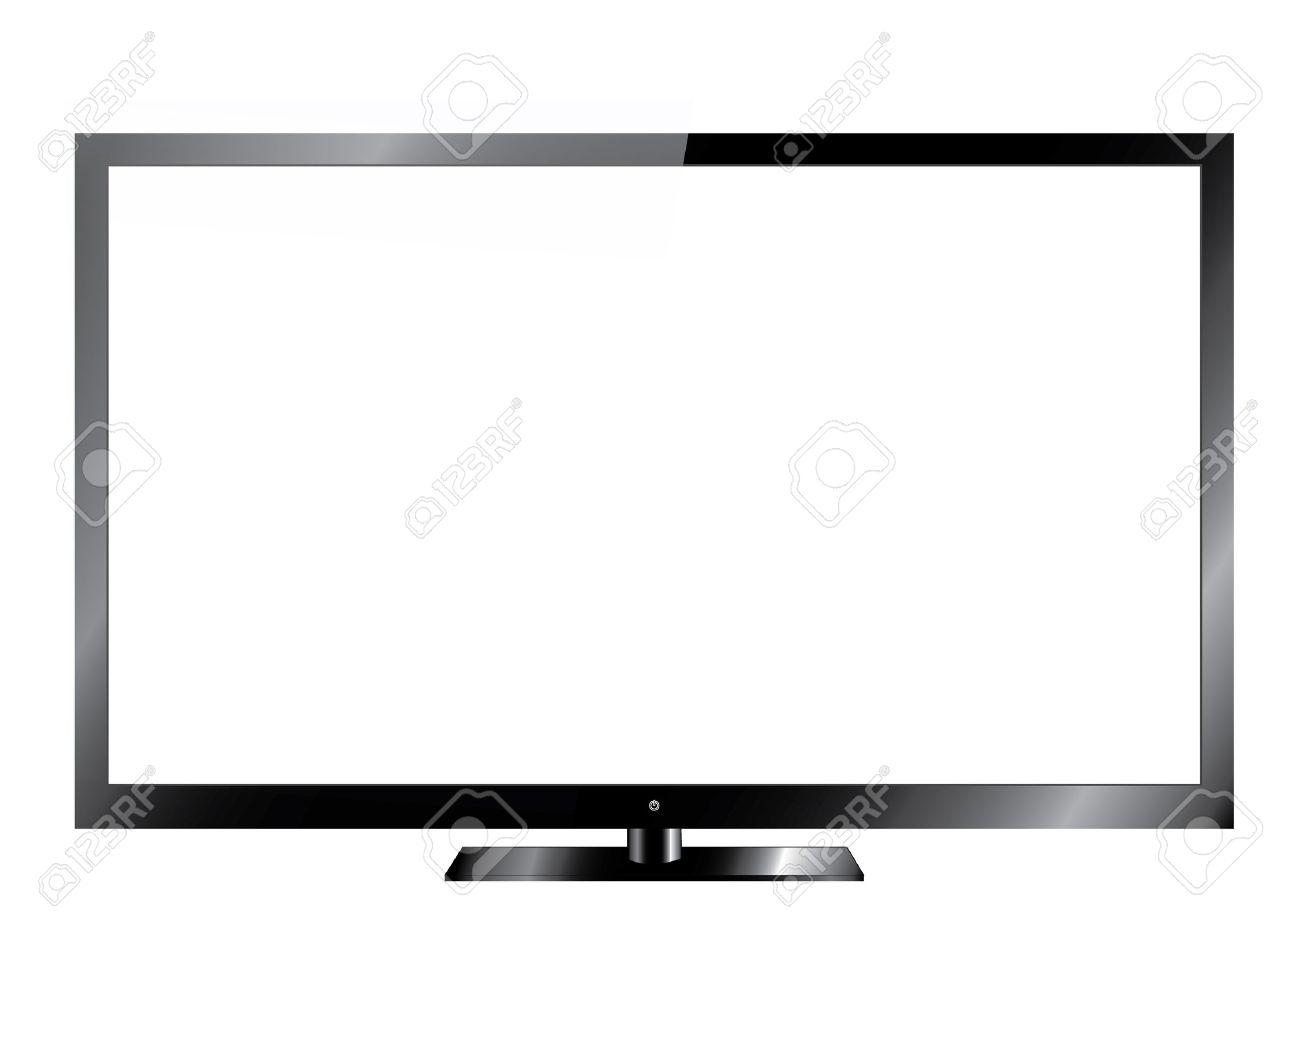 銀の led や液晶テレビ ロイヤリティフリークリップアート、ベクター